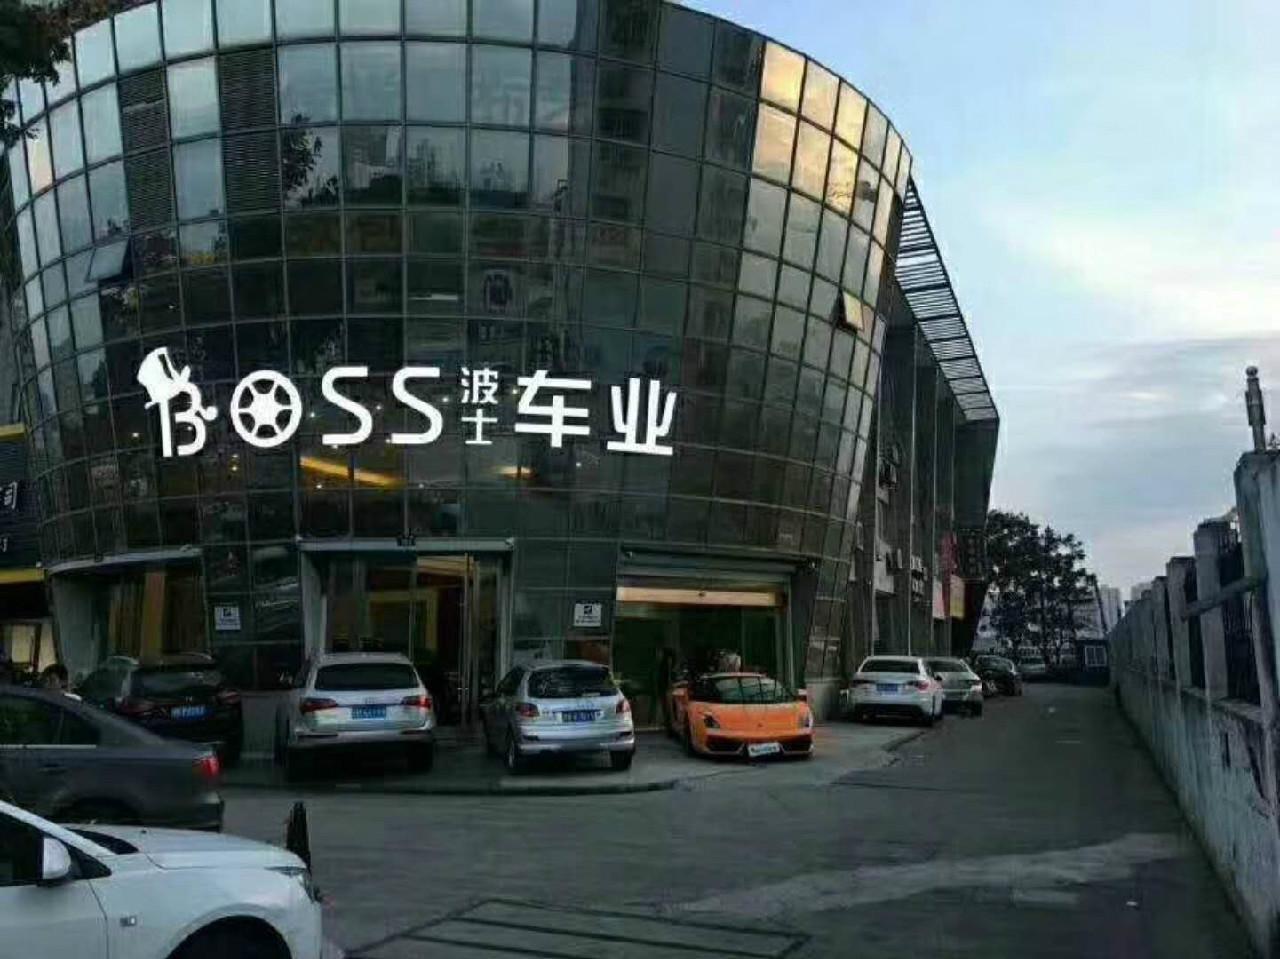 宁波波士二手车